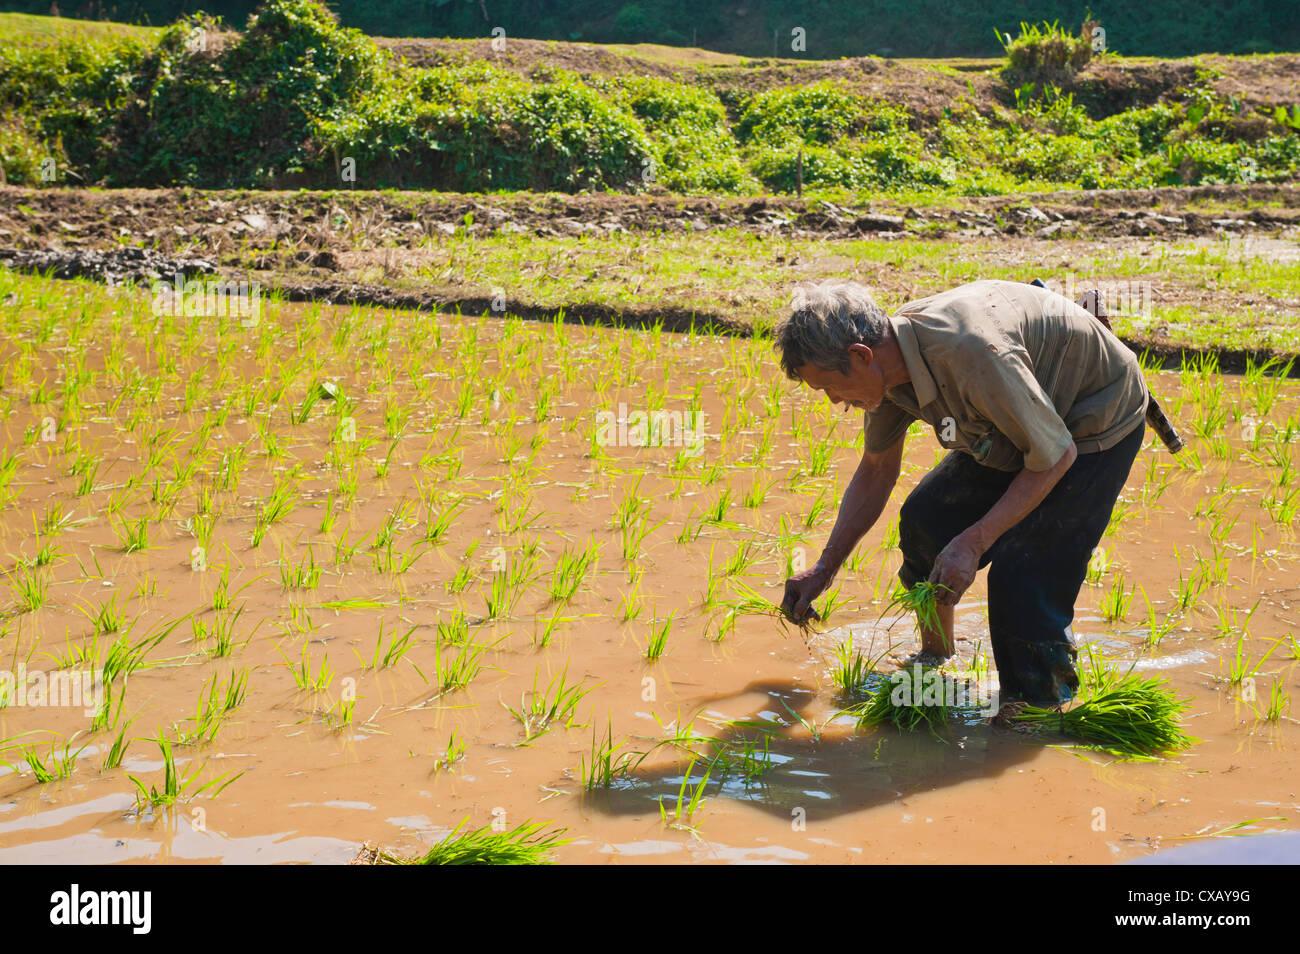 Riso paddy field worker dalla tribù Lahu piantagione del riso in risaie vicino a Chiang Rai, Thailandia, Sud Immagini Stock